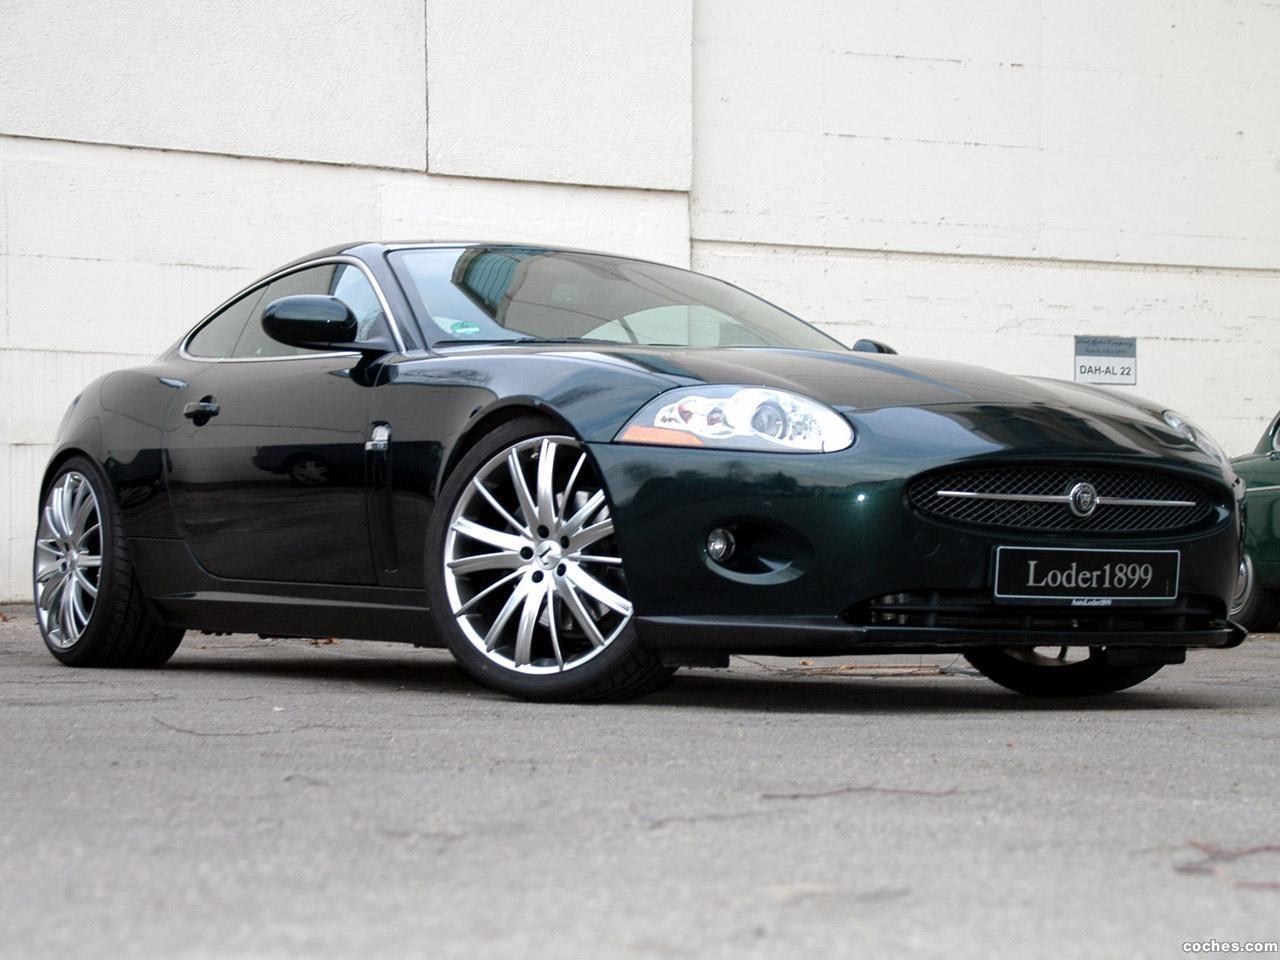 Foto 0 de Loder1899 Jaguar XK Coupe 2008